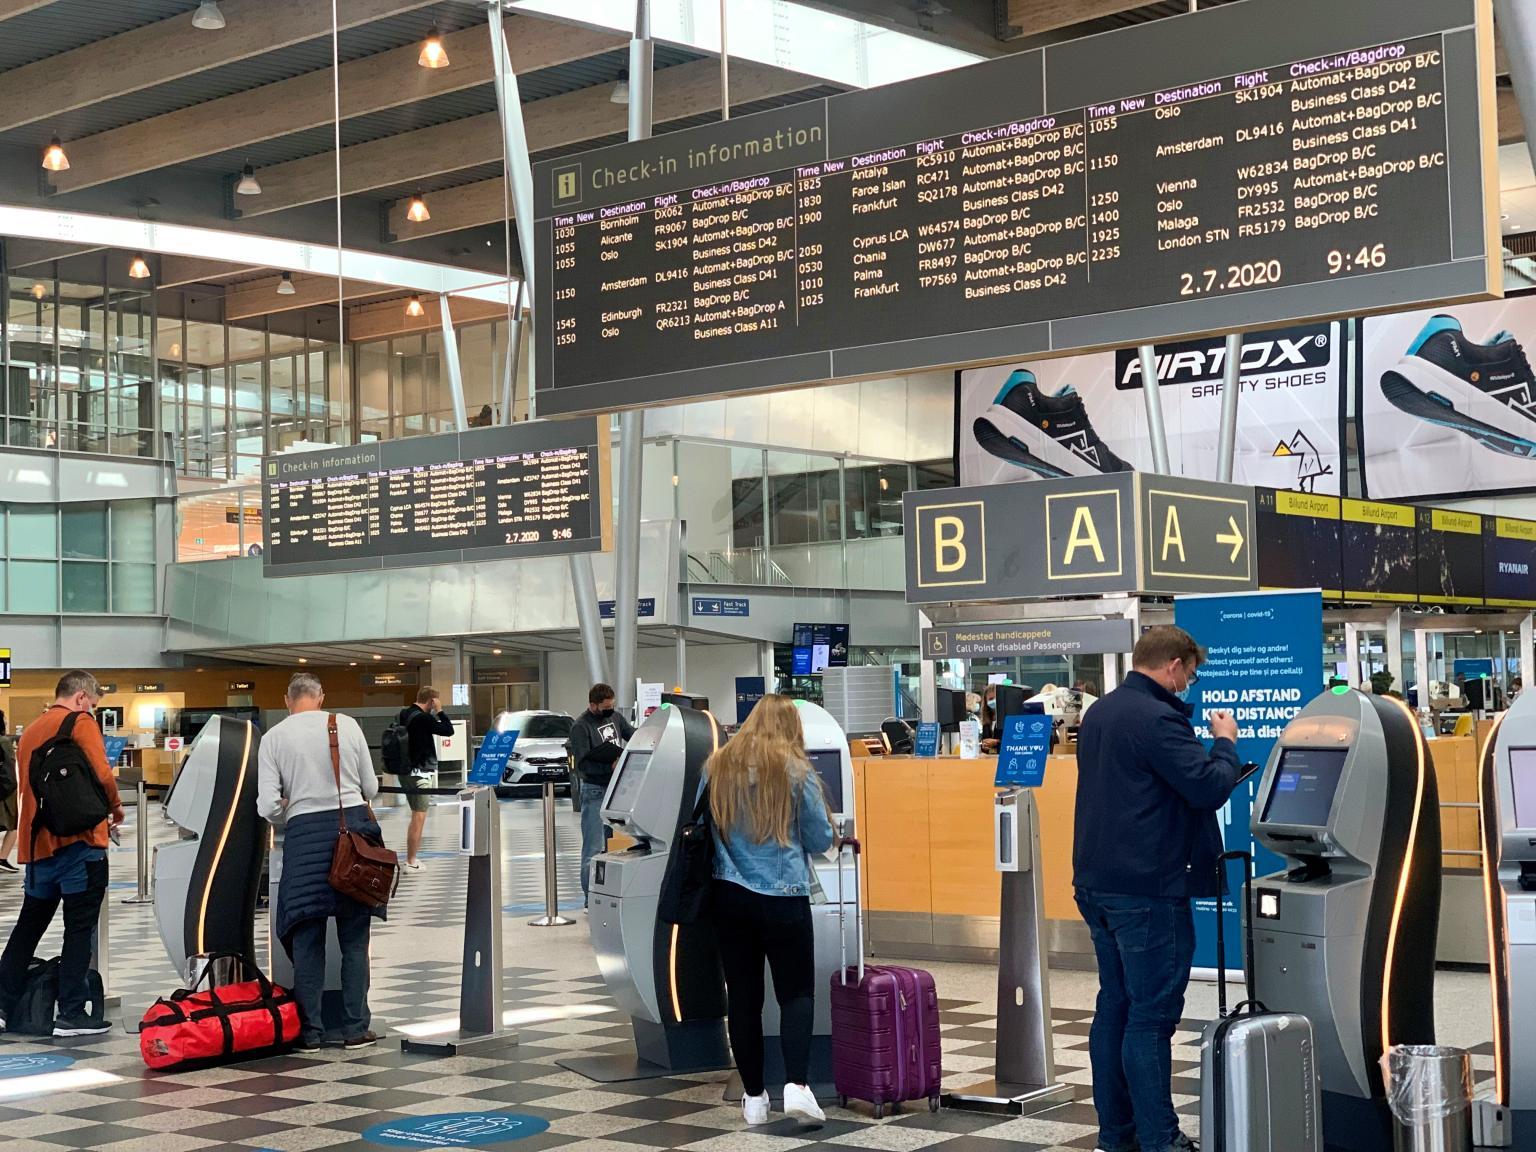 Passagerer tjekker ind i Billund Lufthavn under coronakrisen. Nu er Danmark på vej med et vaccinepas, der kan gøre rejser til udlandet nemmere. Arkivfoto: Billund Lufthavn.